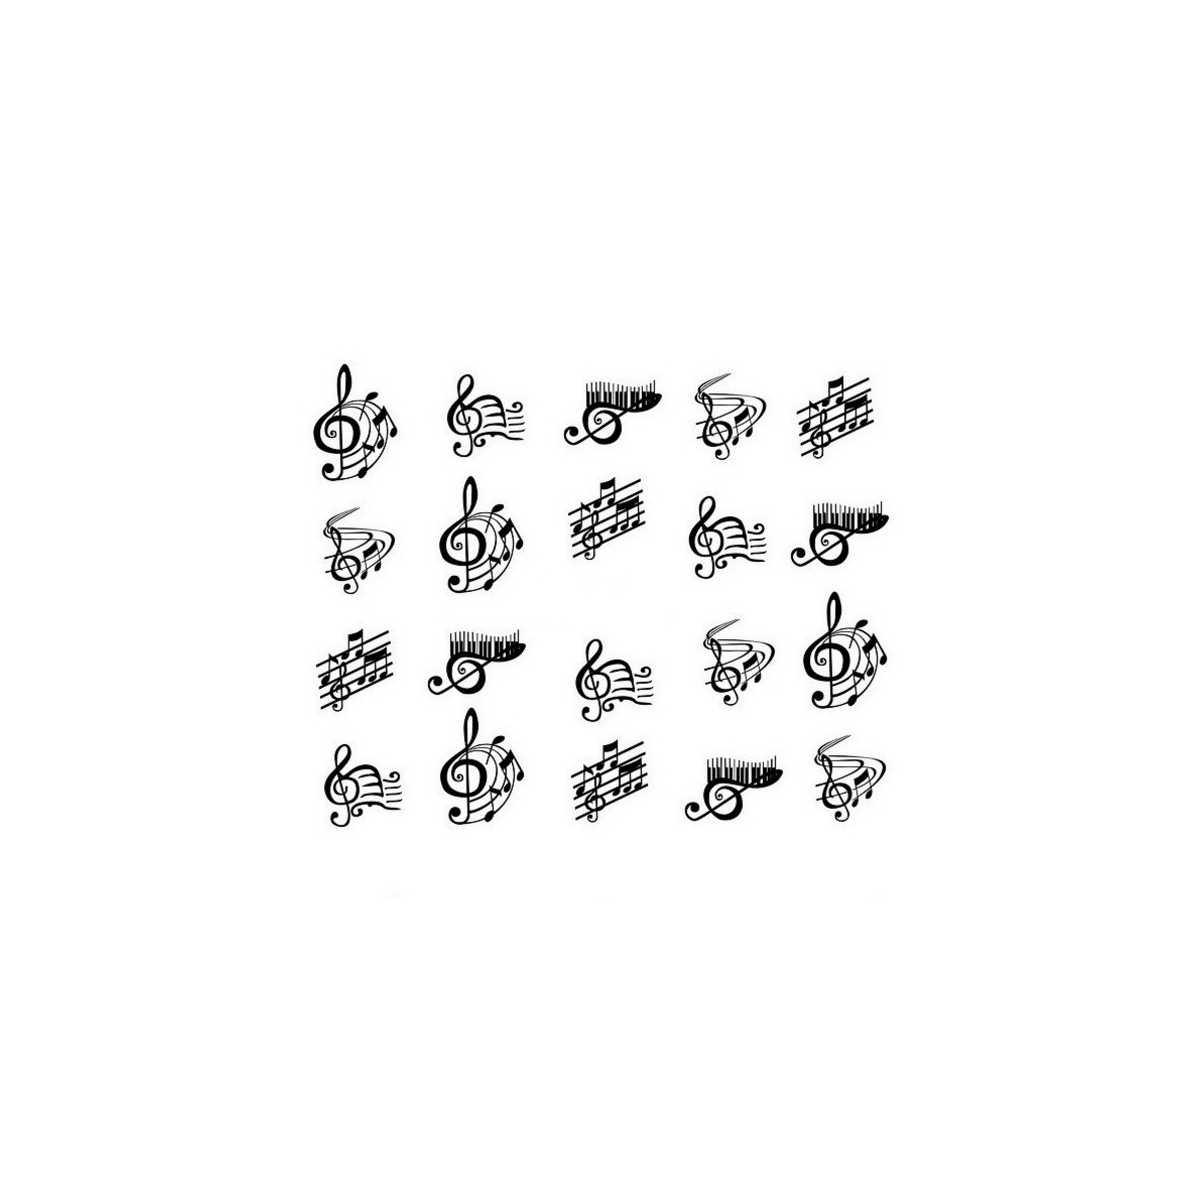 https://www.kit-manucure.com/1286-thickbox_default/water-decals-clés-de-sol-et-notes-de-musique.jpg